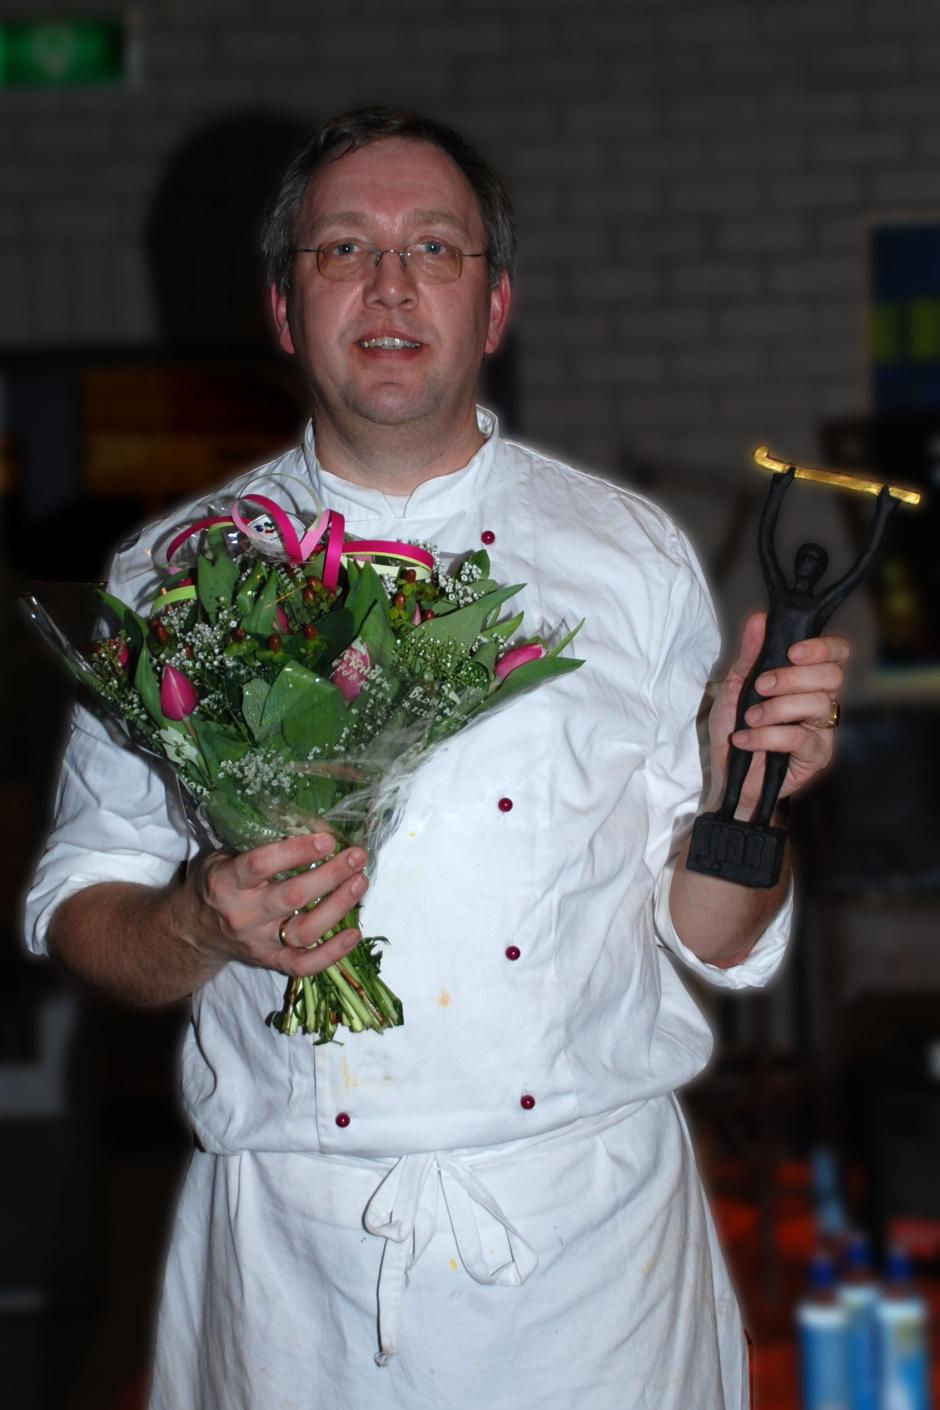 2007: Leo van der Heide, Vrijwilliger vh Jaar 2007